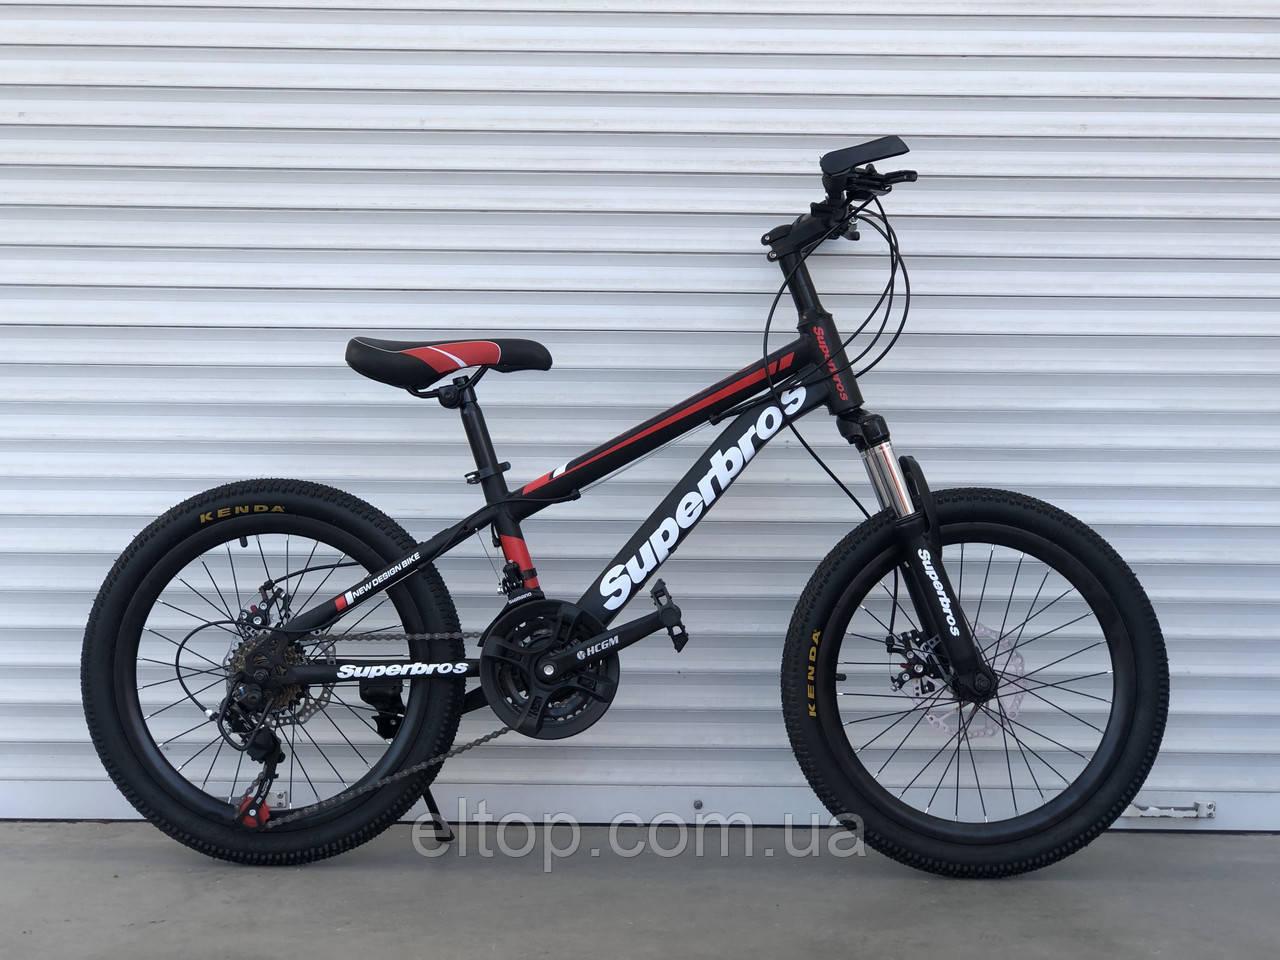 Детский спортивный горный велосипед 20 дюймов TopRider MTB-1 красный